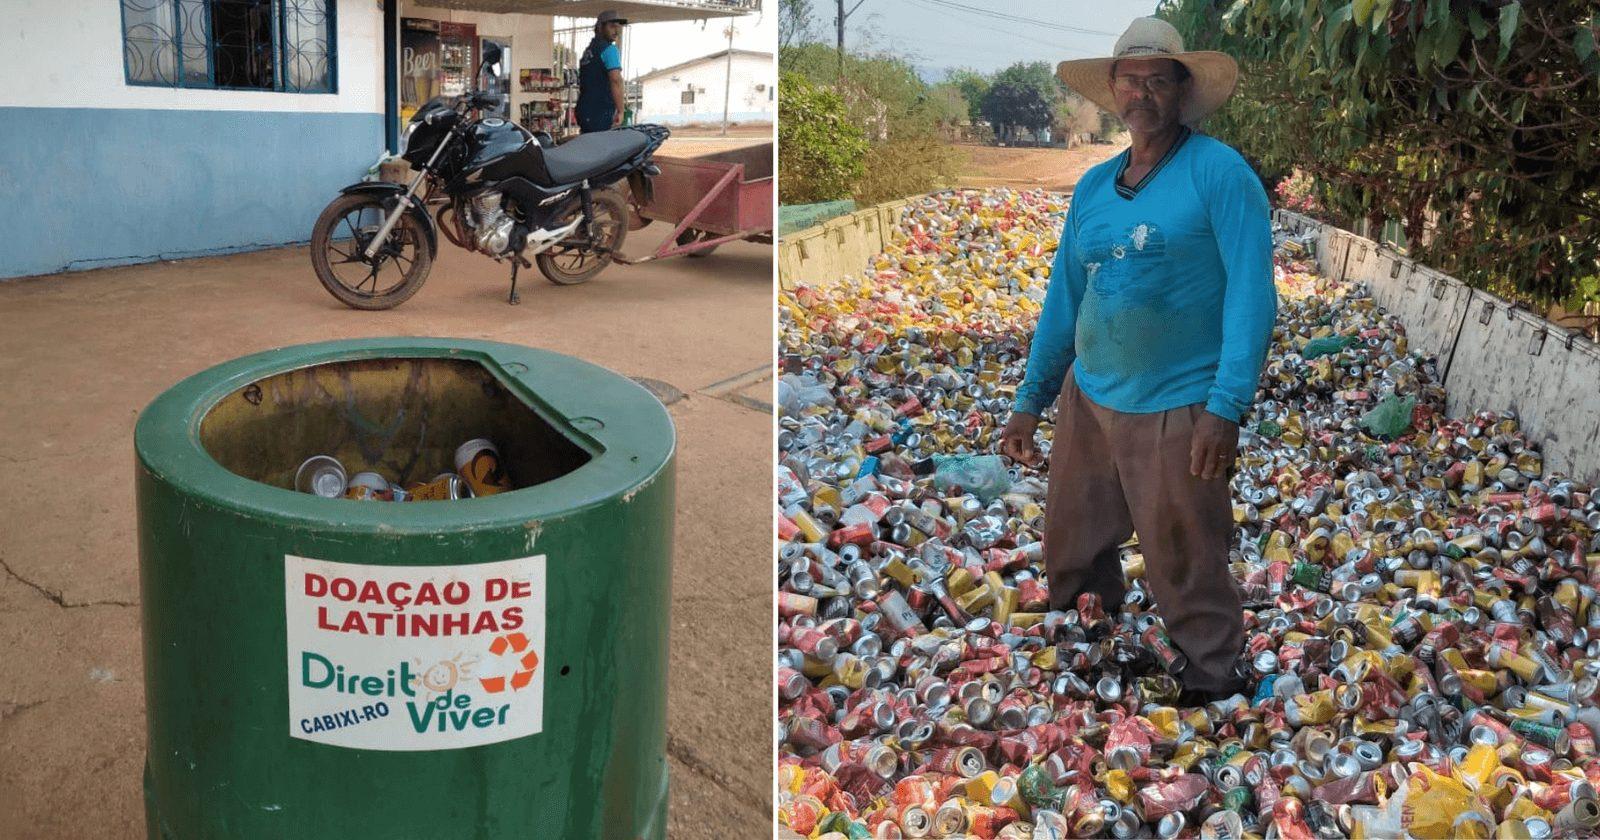 Catador de latinhas doa mais de R$140 mil para hospital do câncer